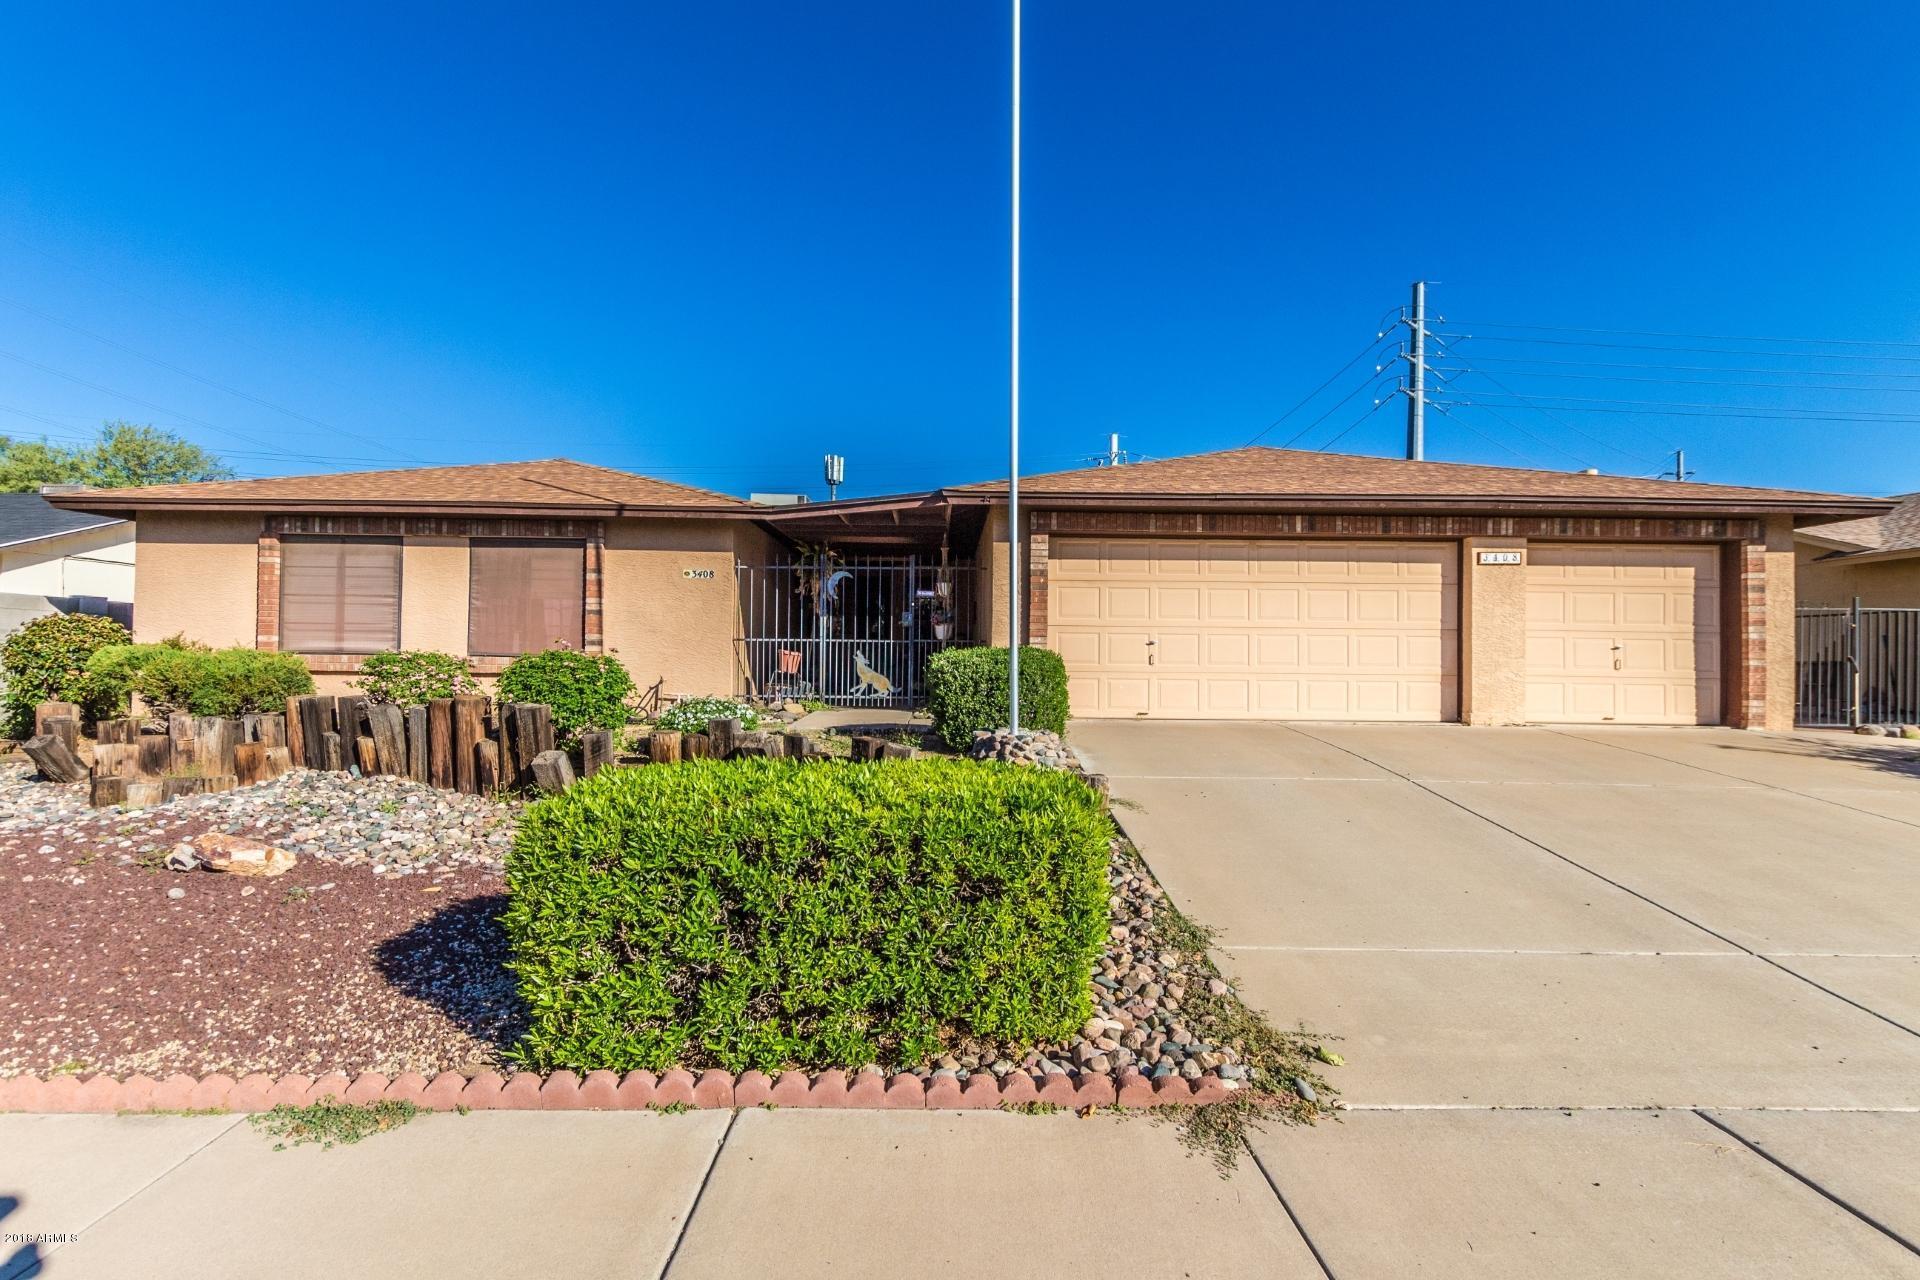 Photo of 3408 W KRISTAL Way, Phoenix, AZ 85027